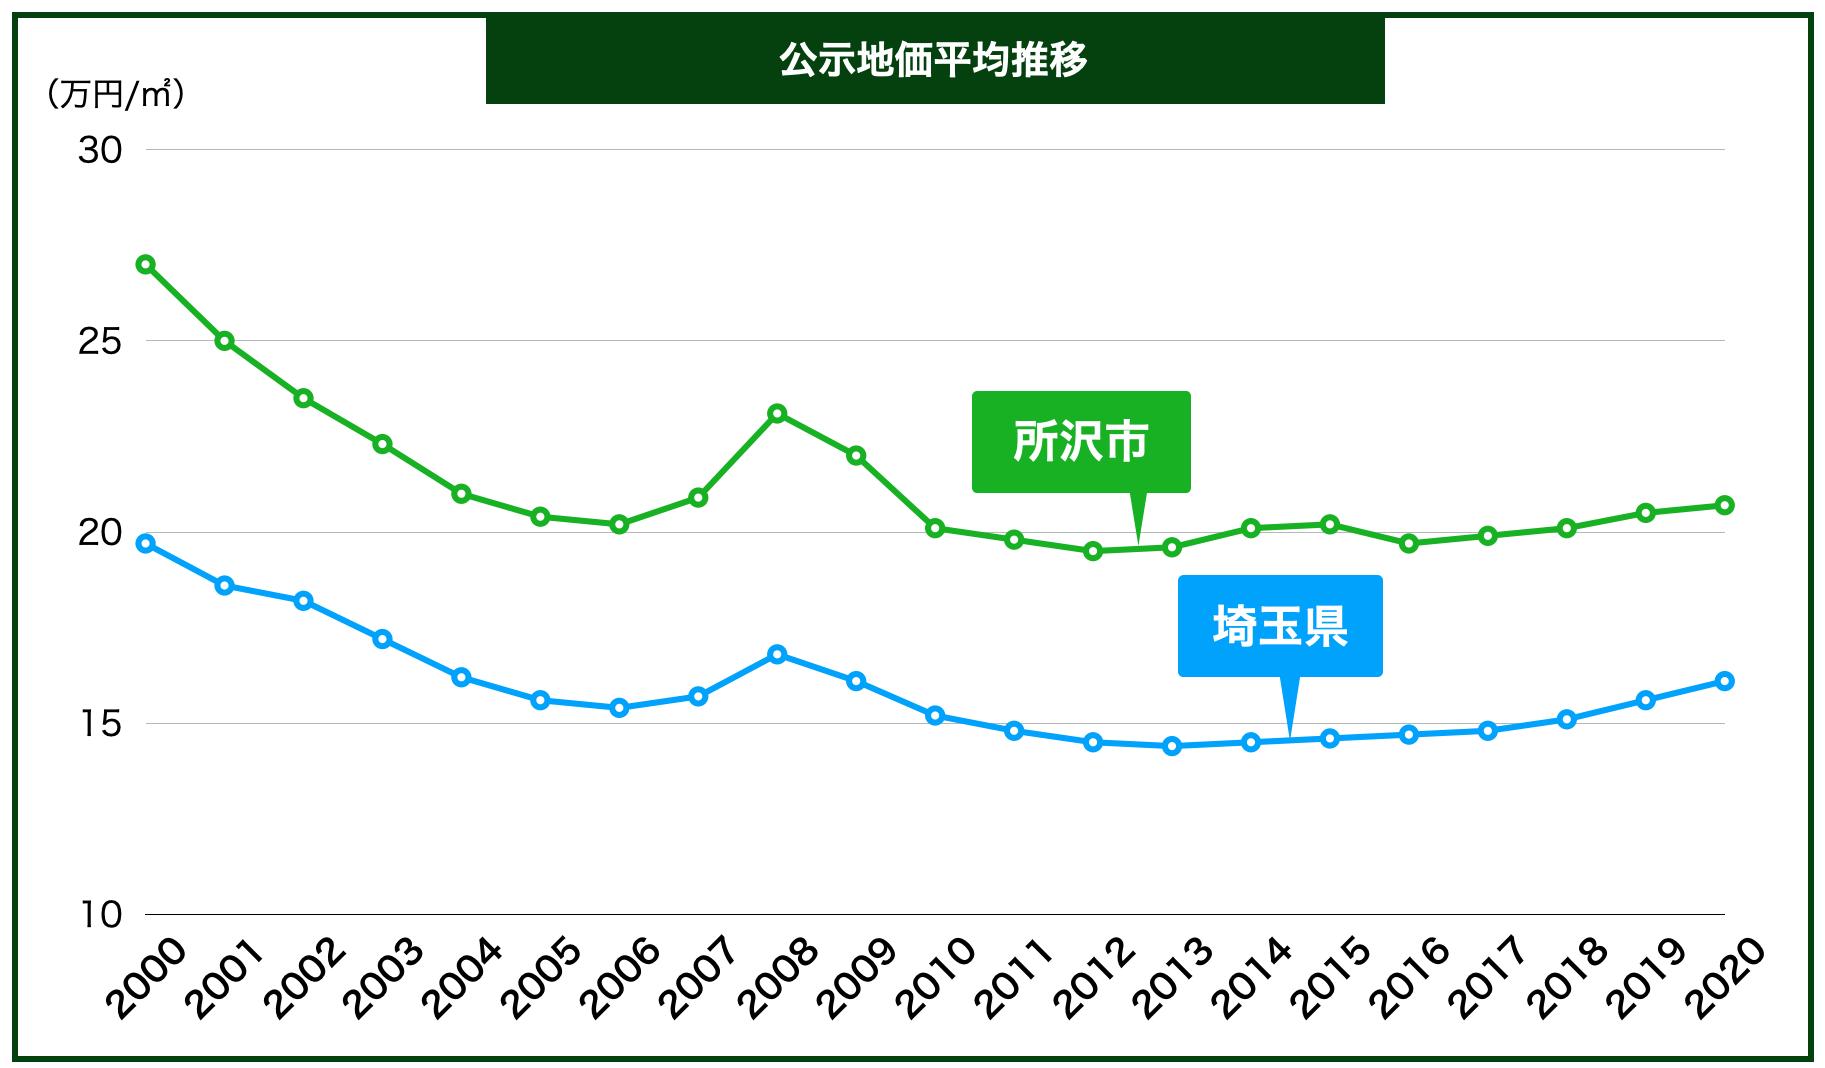 所沢市の公示地価の推移